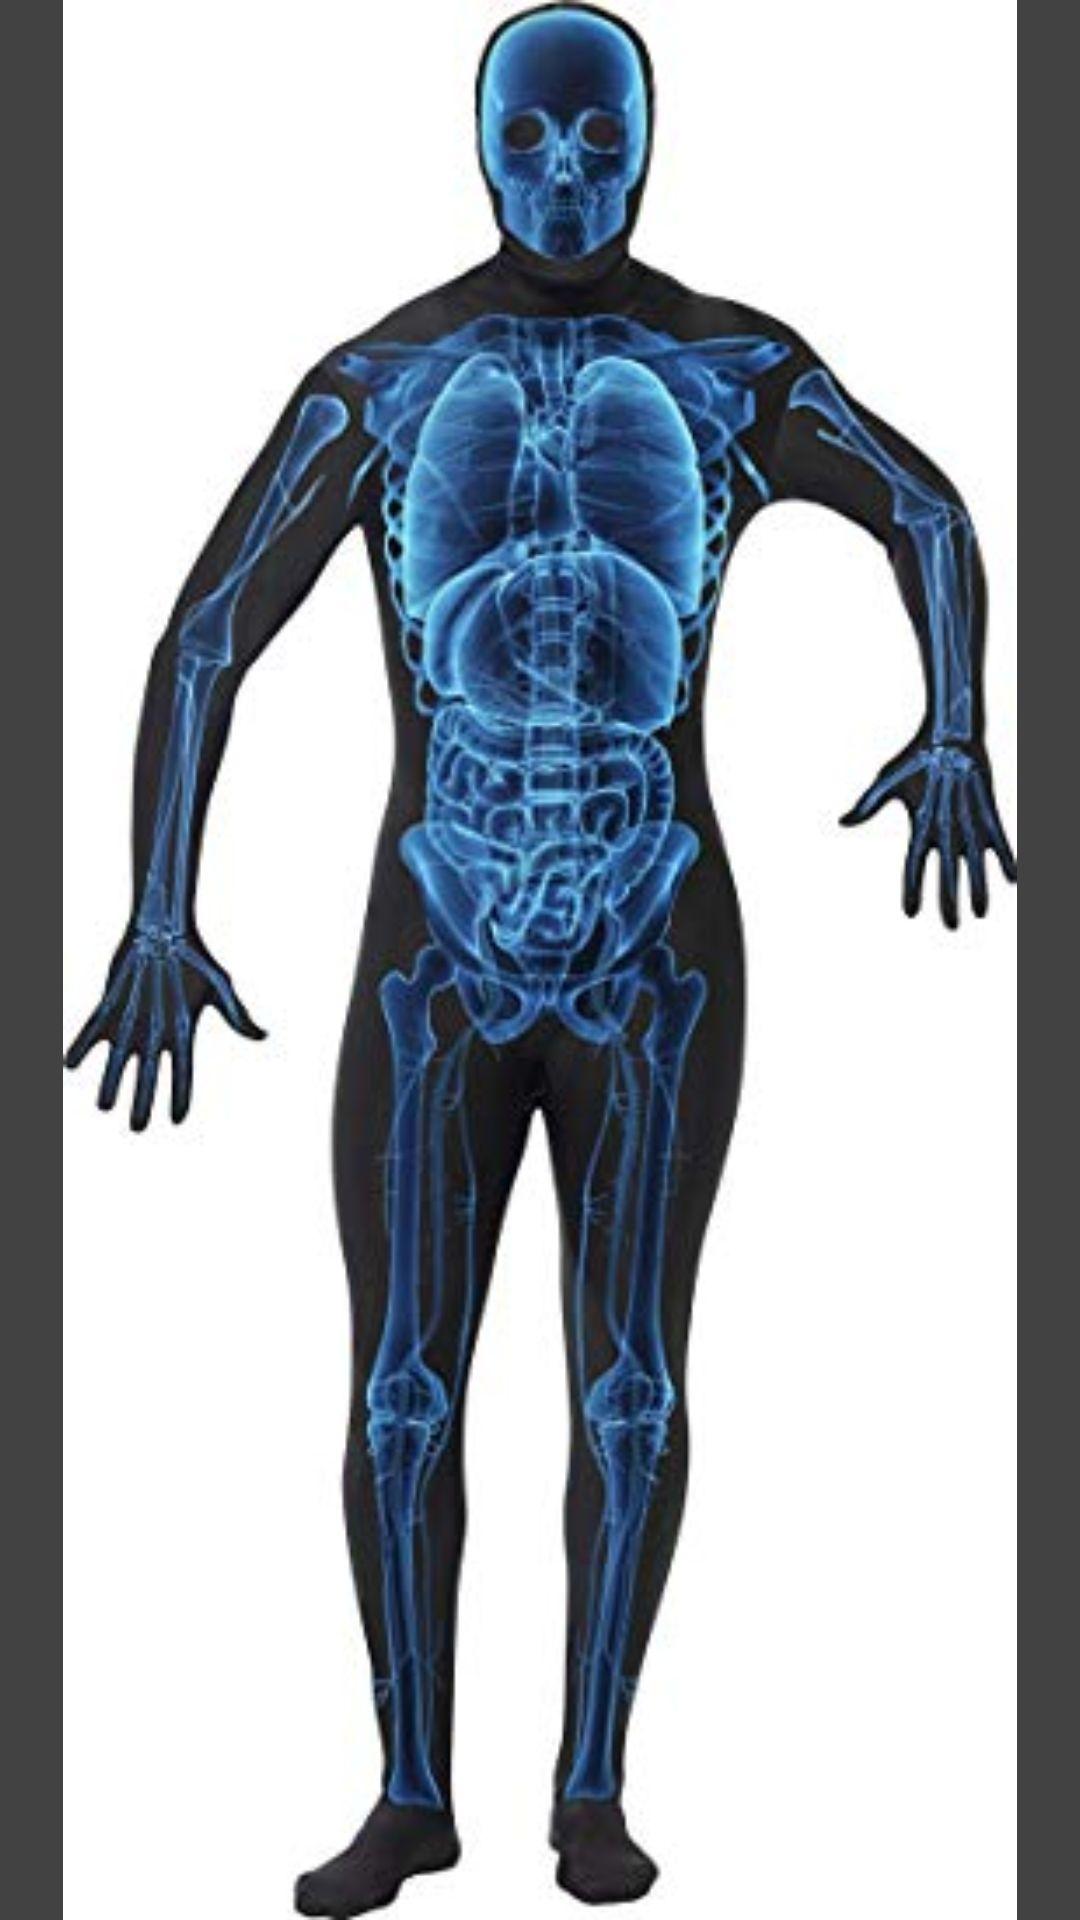 Disfraz Hombre Radiografía Segunda Piel